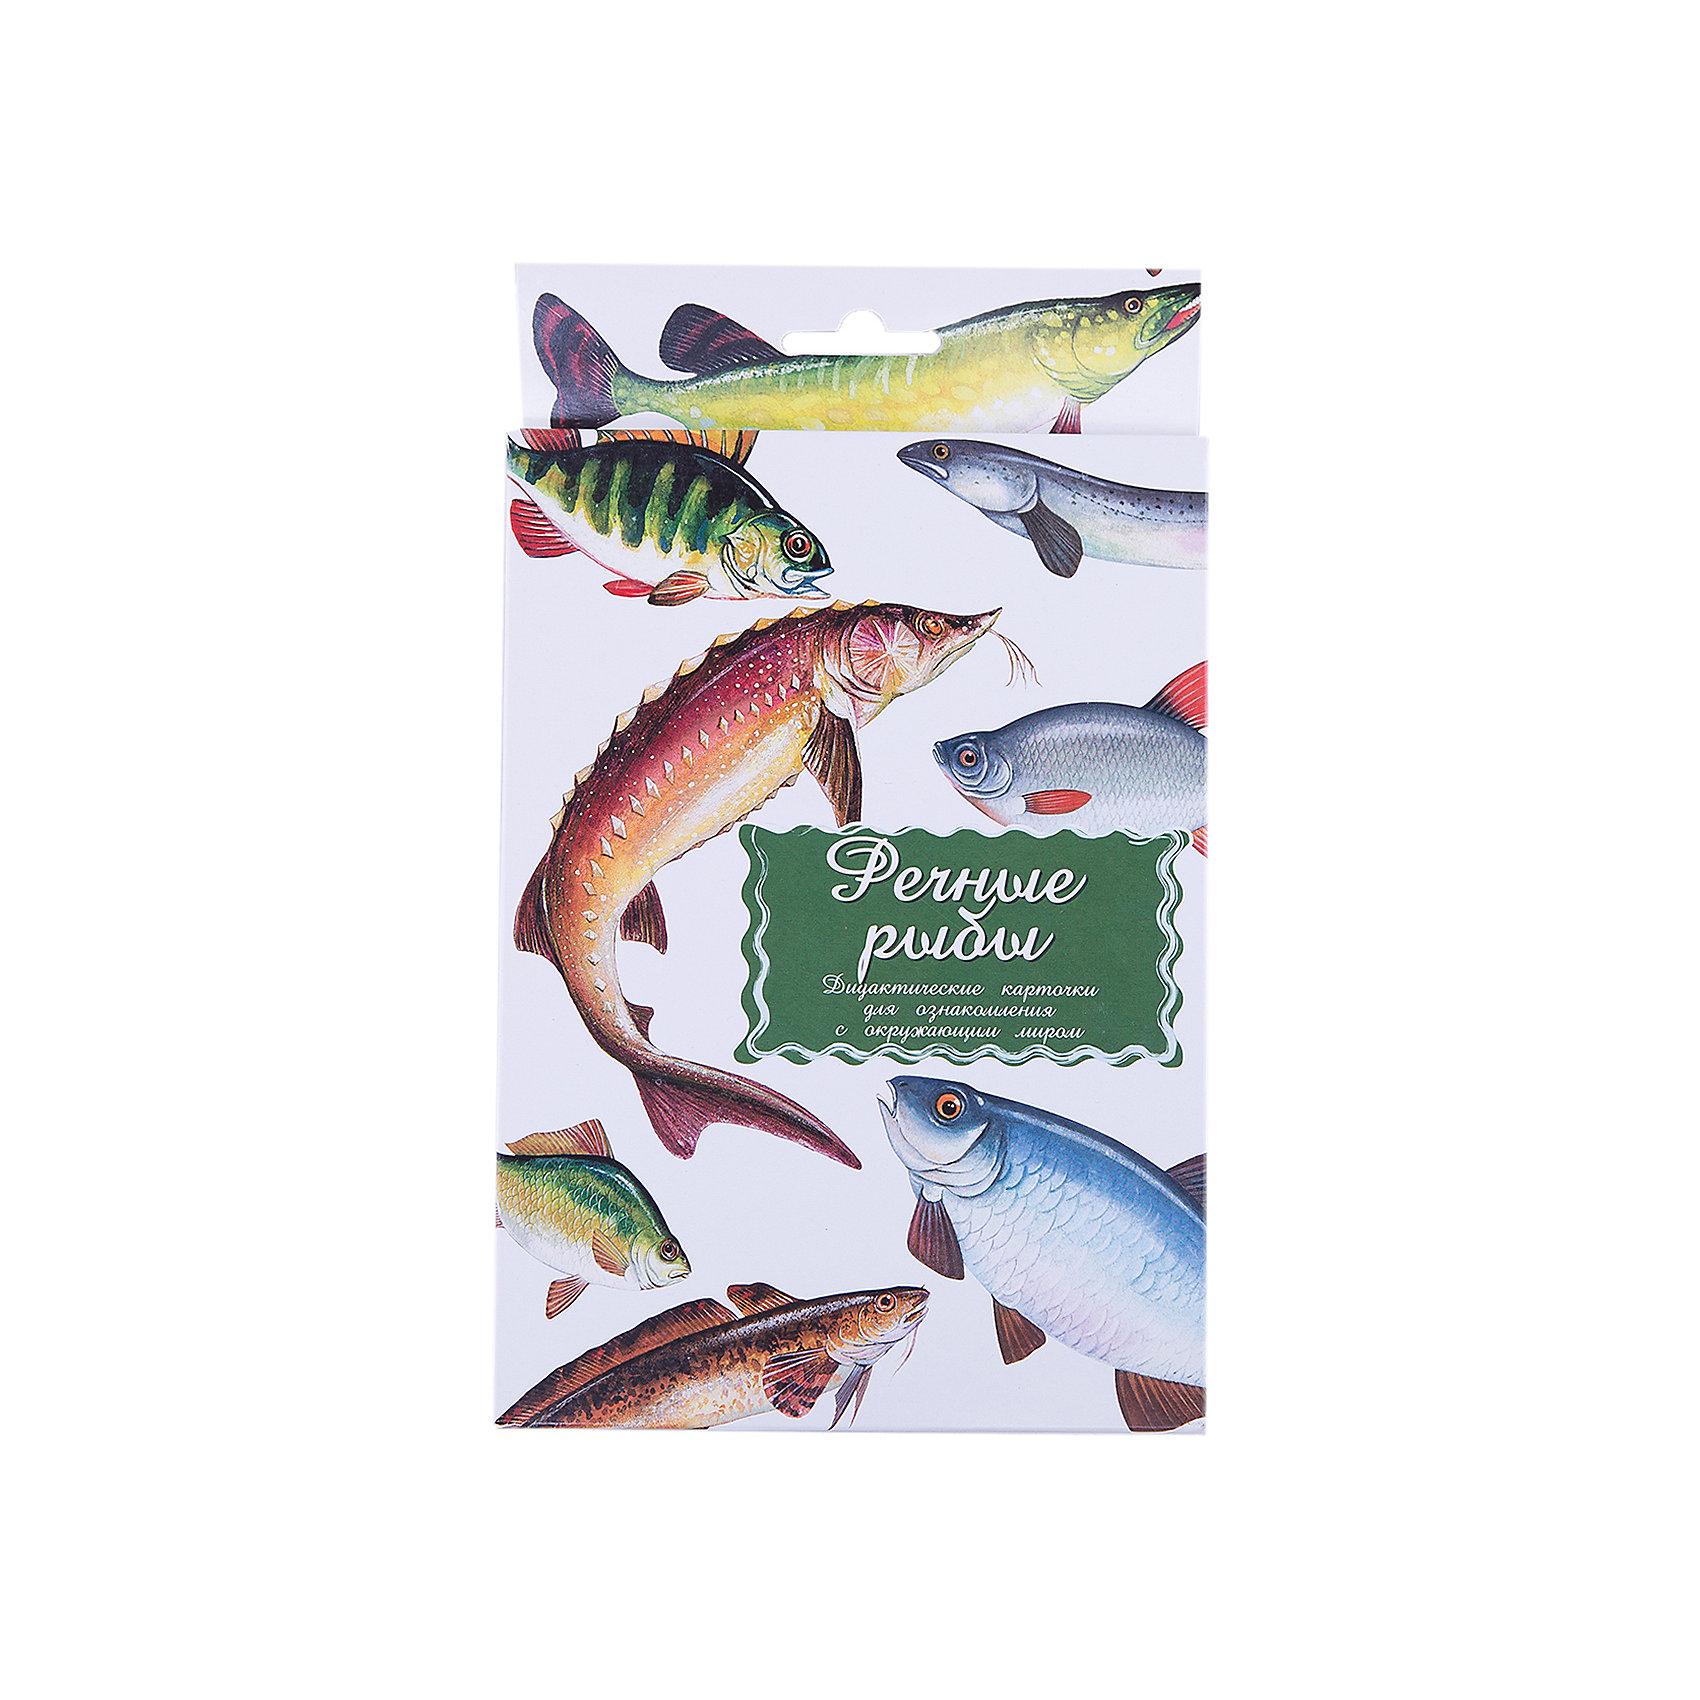 Дидактические карточки Речные рыбыОбучающие карточки<br>Тематические комплекты дидактических карточек помогут познакомить ребенка с окружающим миром, развить речевые умения, научить сравнивать, классифицировать, обобщать. Карточки рекомендуются родителям для познавательных игр с детьми и занятий  по методике Г.Домана.  Могут использоваться в индивидуальной и групповой работе логопедами, психологами, воспитателями детских садов, учителями начальных классов.  В каждом комплекте 16 карточек, каждая из которых содержит интересную познавательную информацию об изображенном на ней предмете.<br><br>Ширина мм: 150<br>Глубина мм: 90<br>Высота мм: 90<br>Вес г: 200<br>Возраст от месяцев: 36<br>Возраст до месяцев: 2147483647<br>Пол: Унисекс<br>Возраст: Детский<br>SKU: 4802977